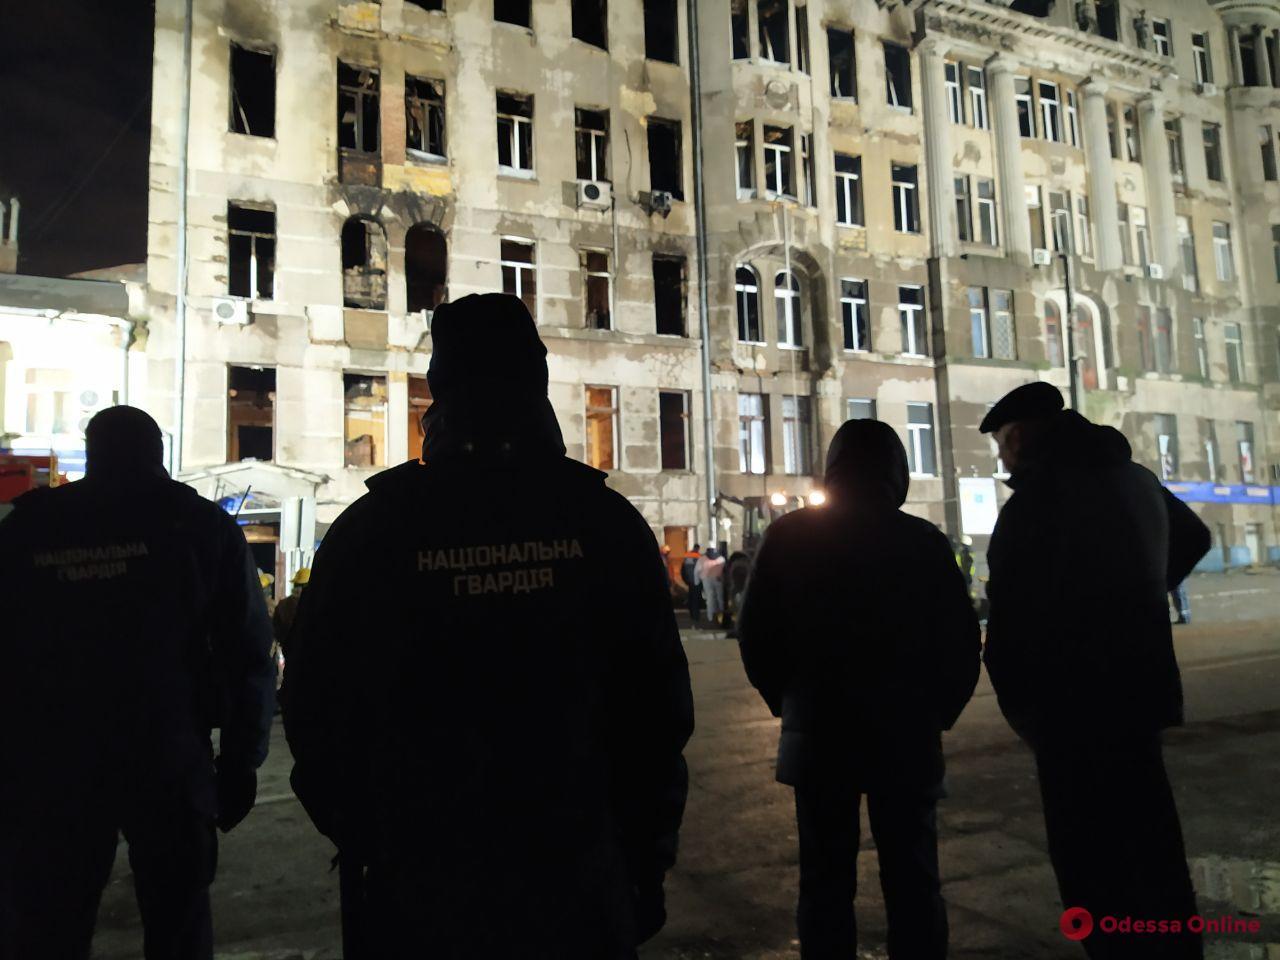 Поисковые работы на Троицкой в Одессе продолжаются (фоторепортаж)